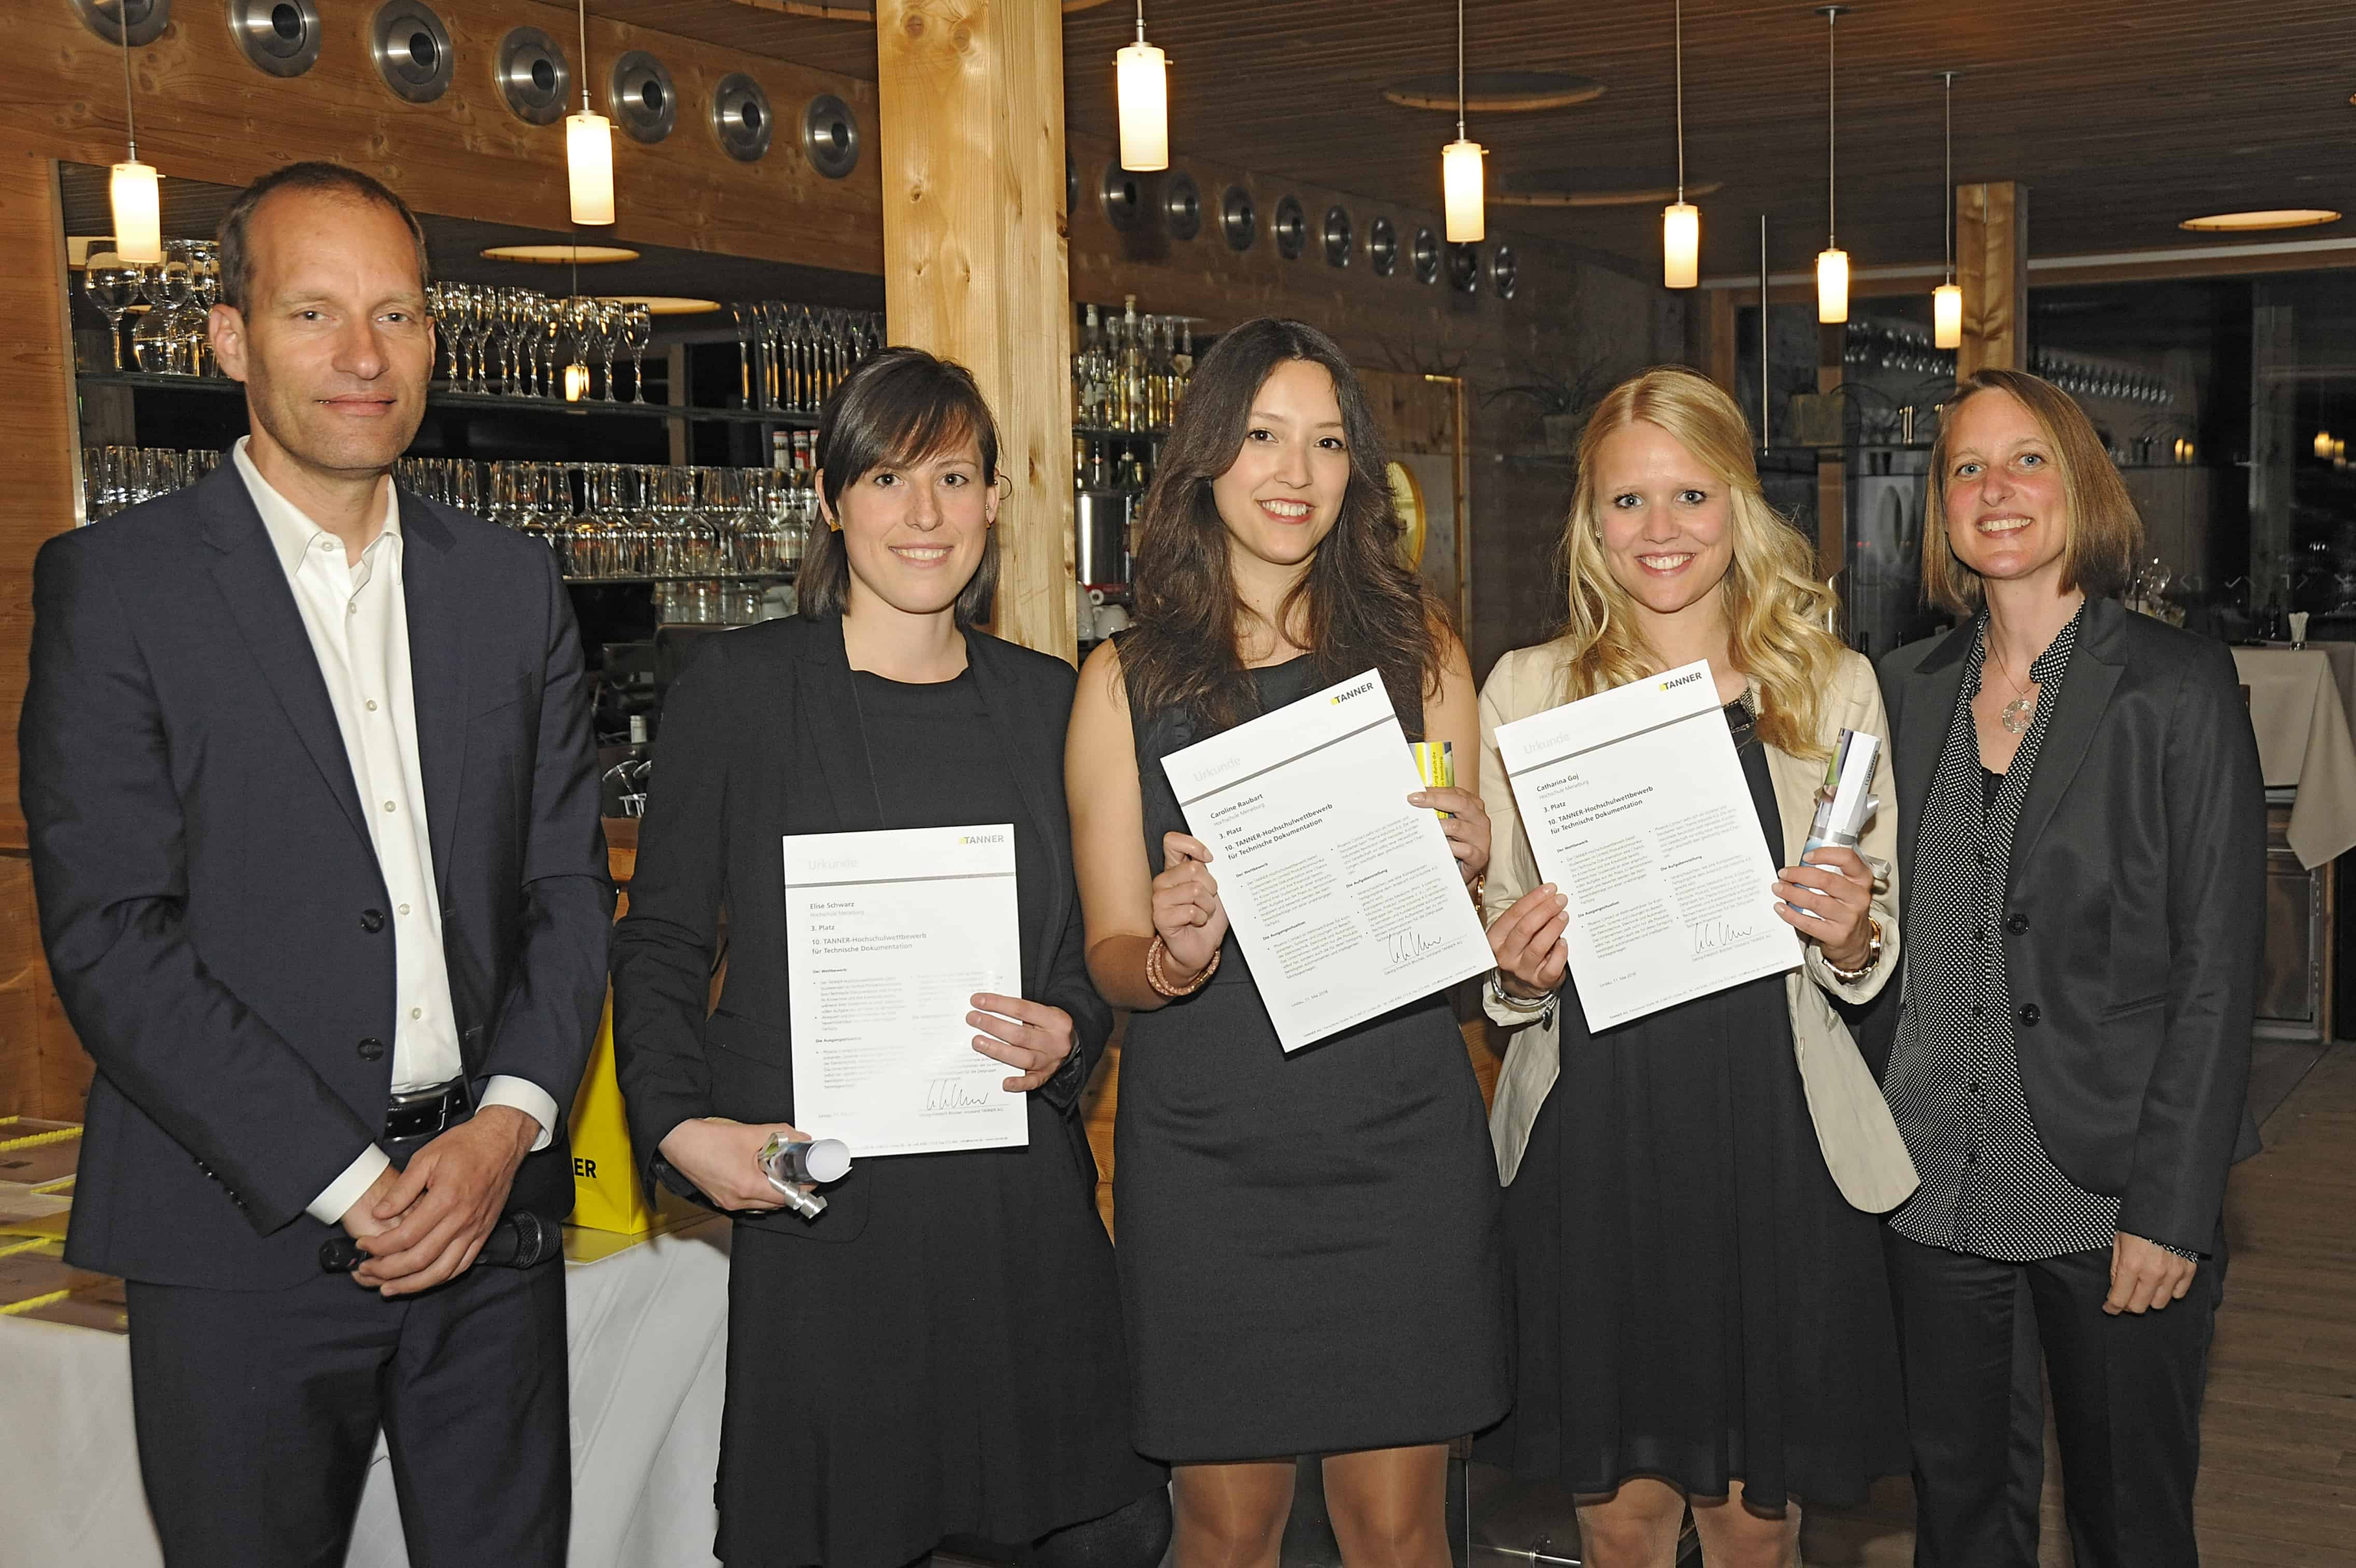 Team Goj vom 10. TANNER-Hochschulwettbewerb